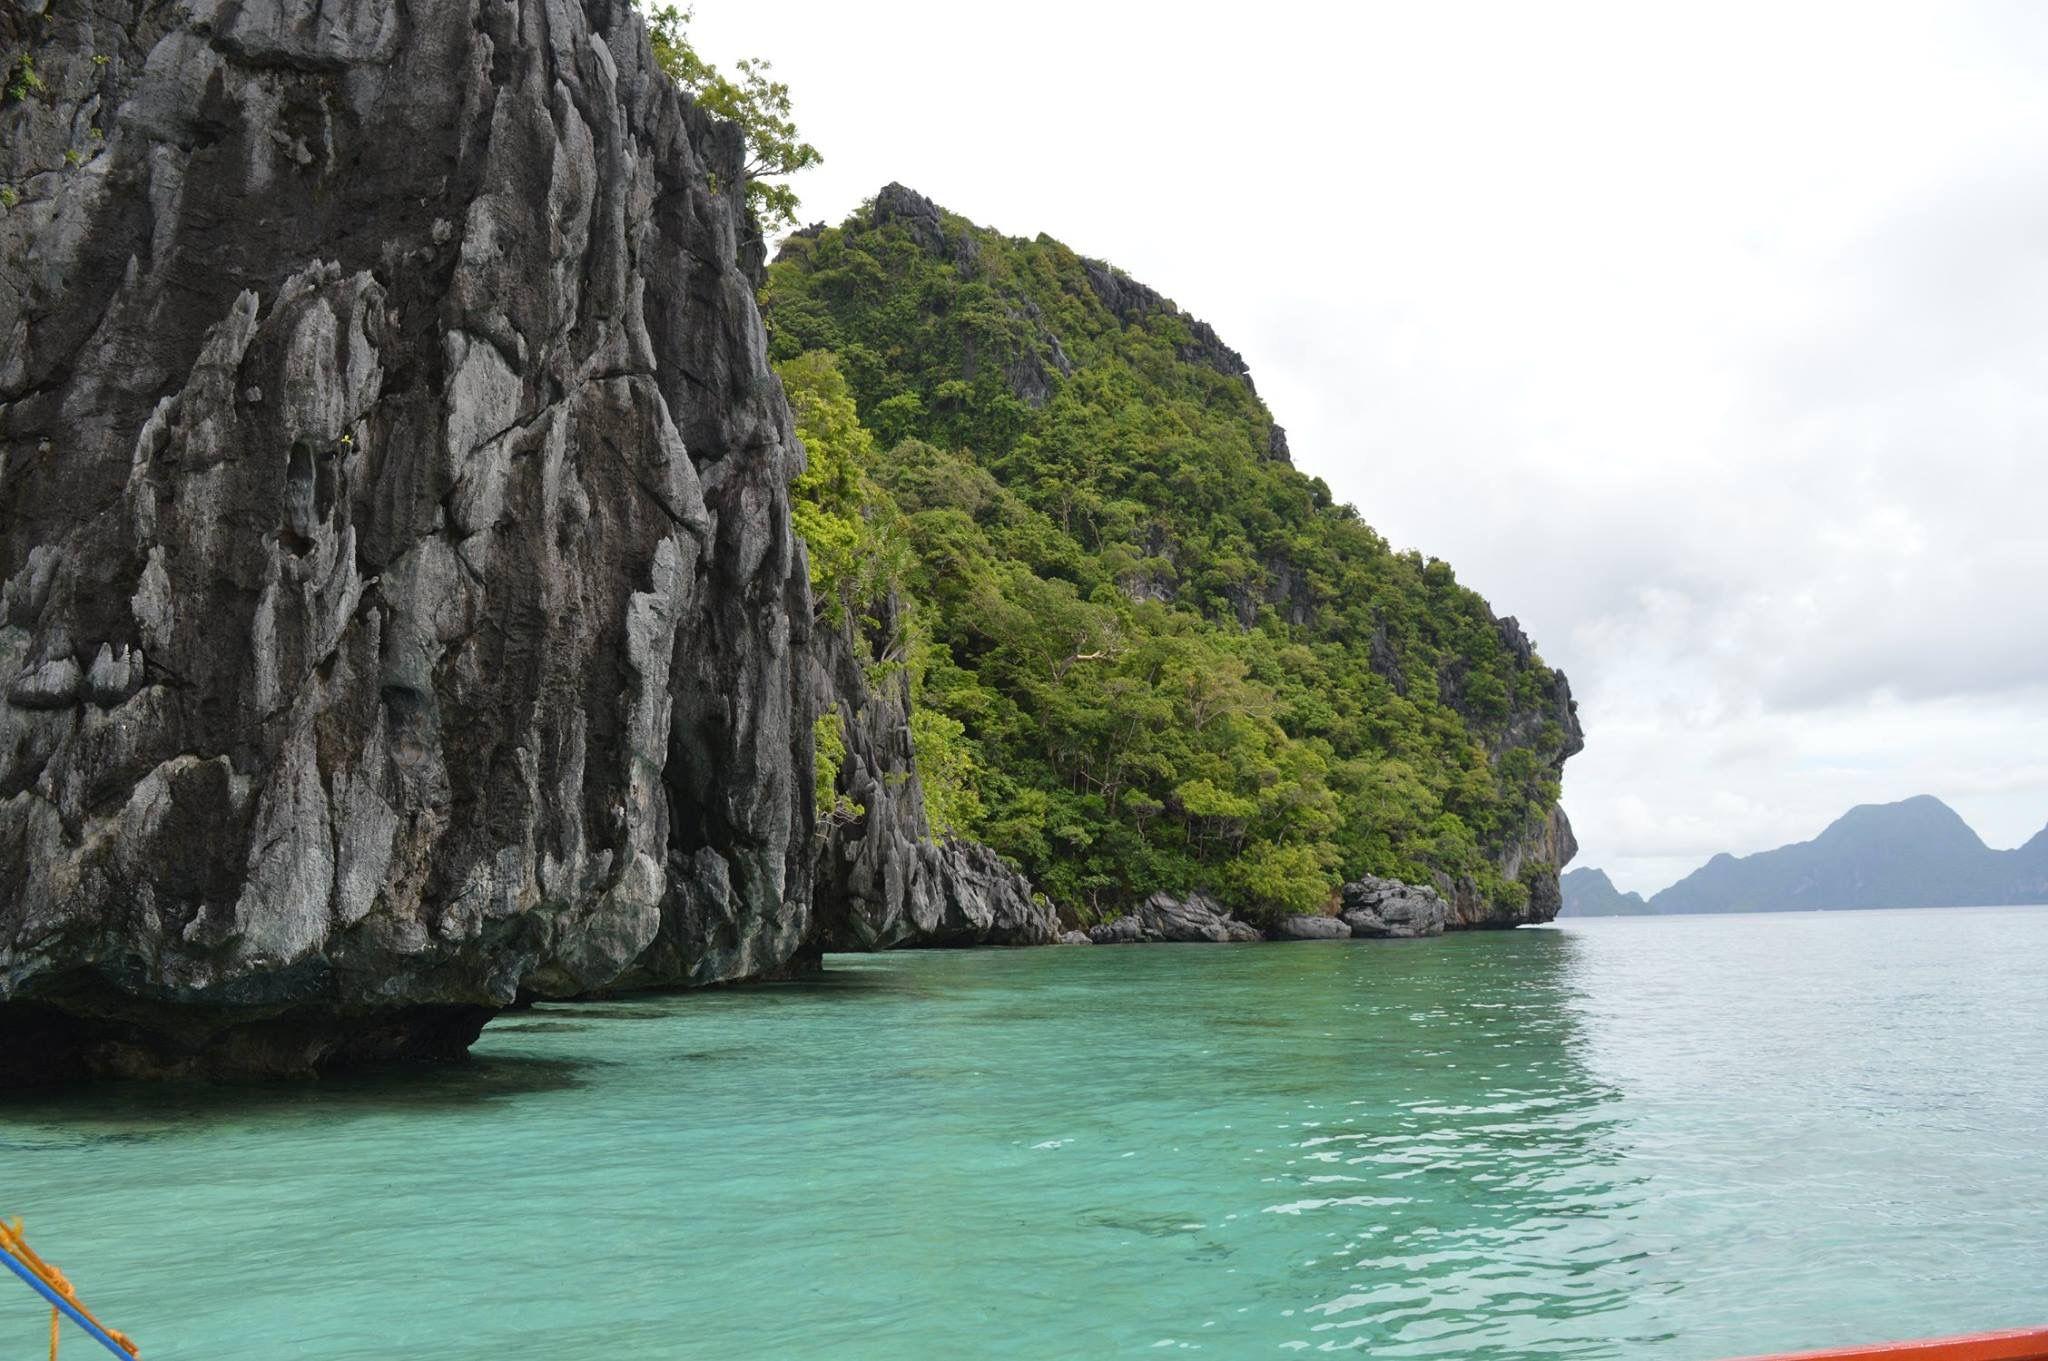 El Nido,Palawan Philippines